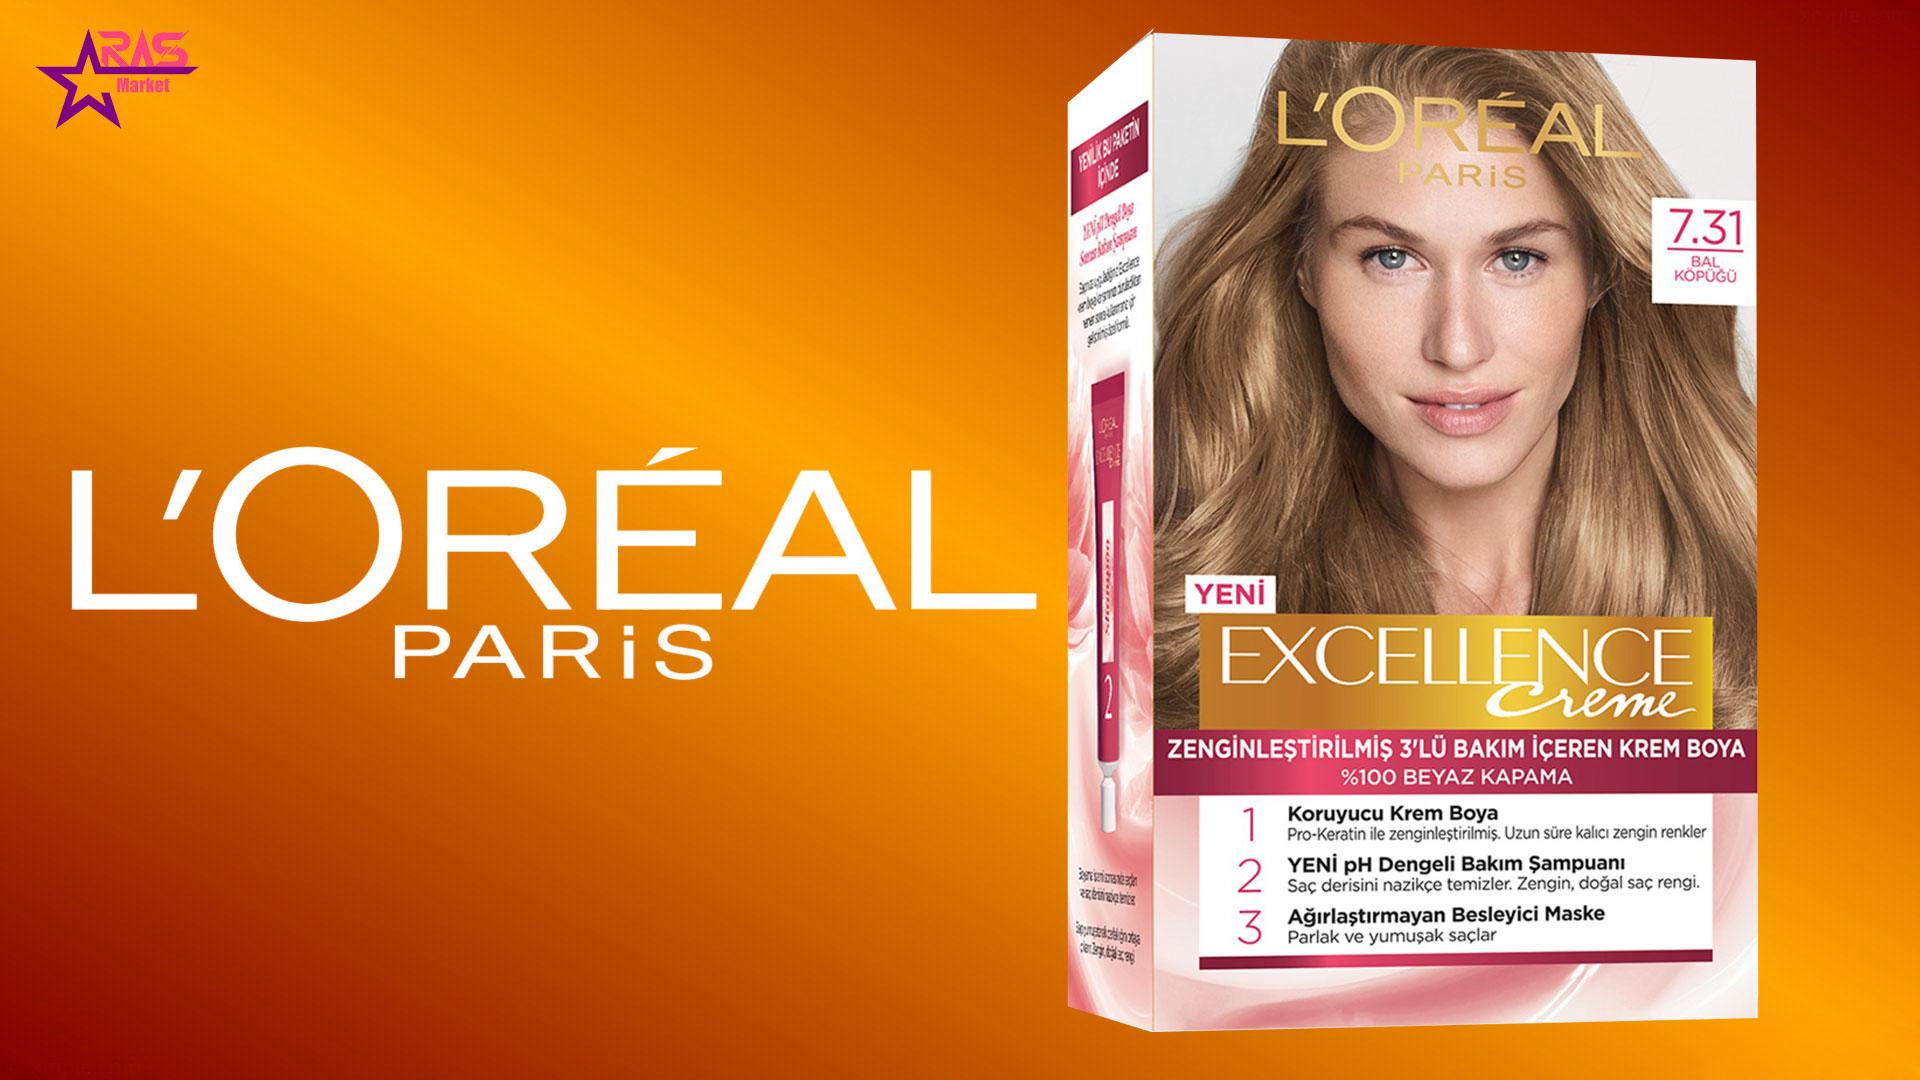 کیت رنگ مو لورآل سری Excellence شماره 7.31 ، خرید اینترنتی محصولات شوینده و بهداشتی ف بهداشت بانوان